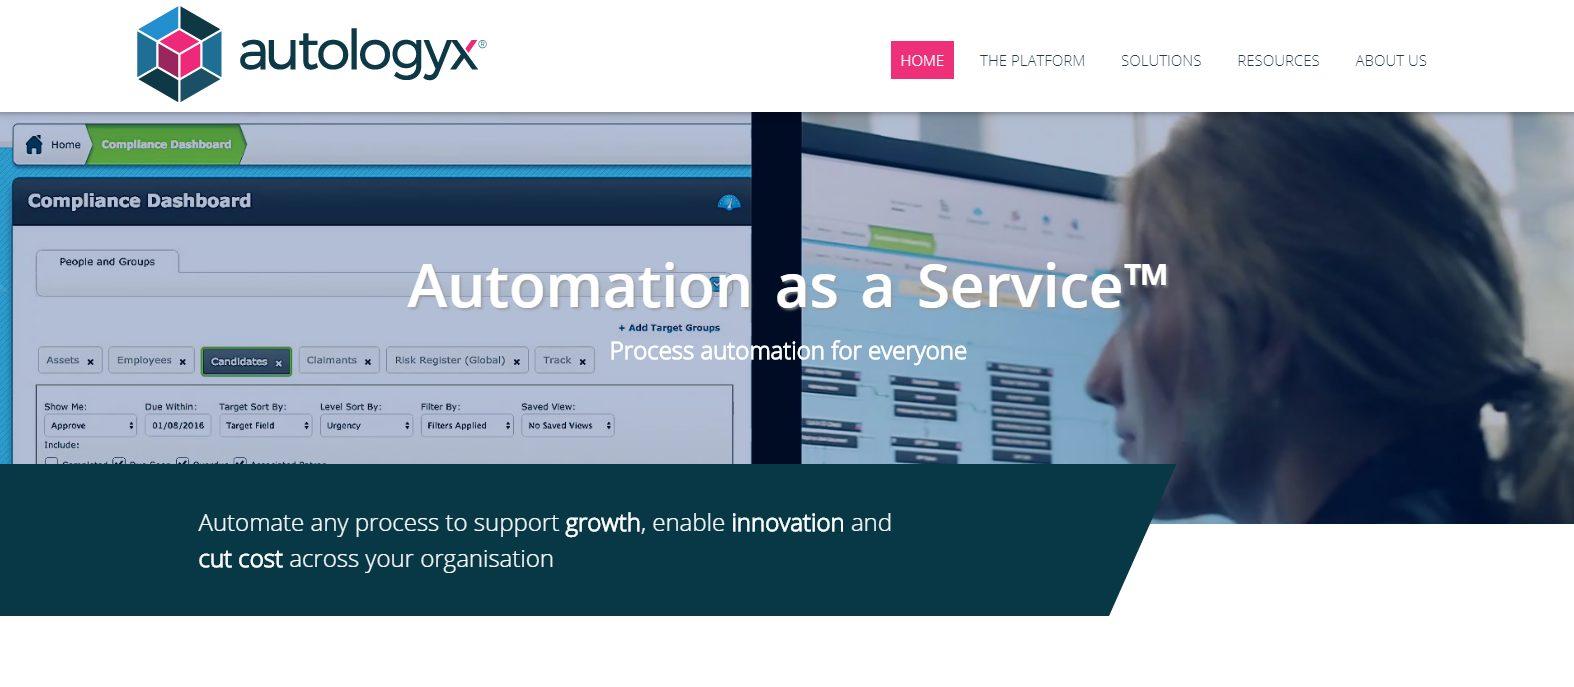 Autologyx website